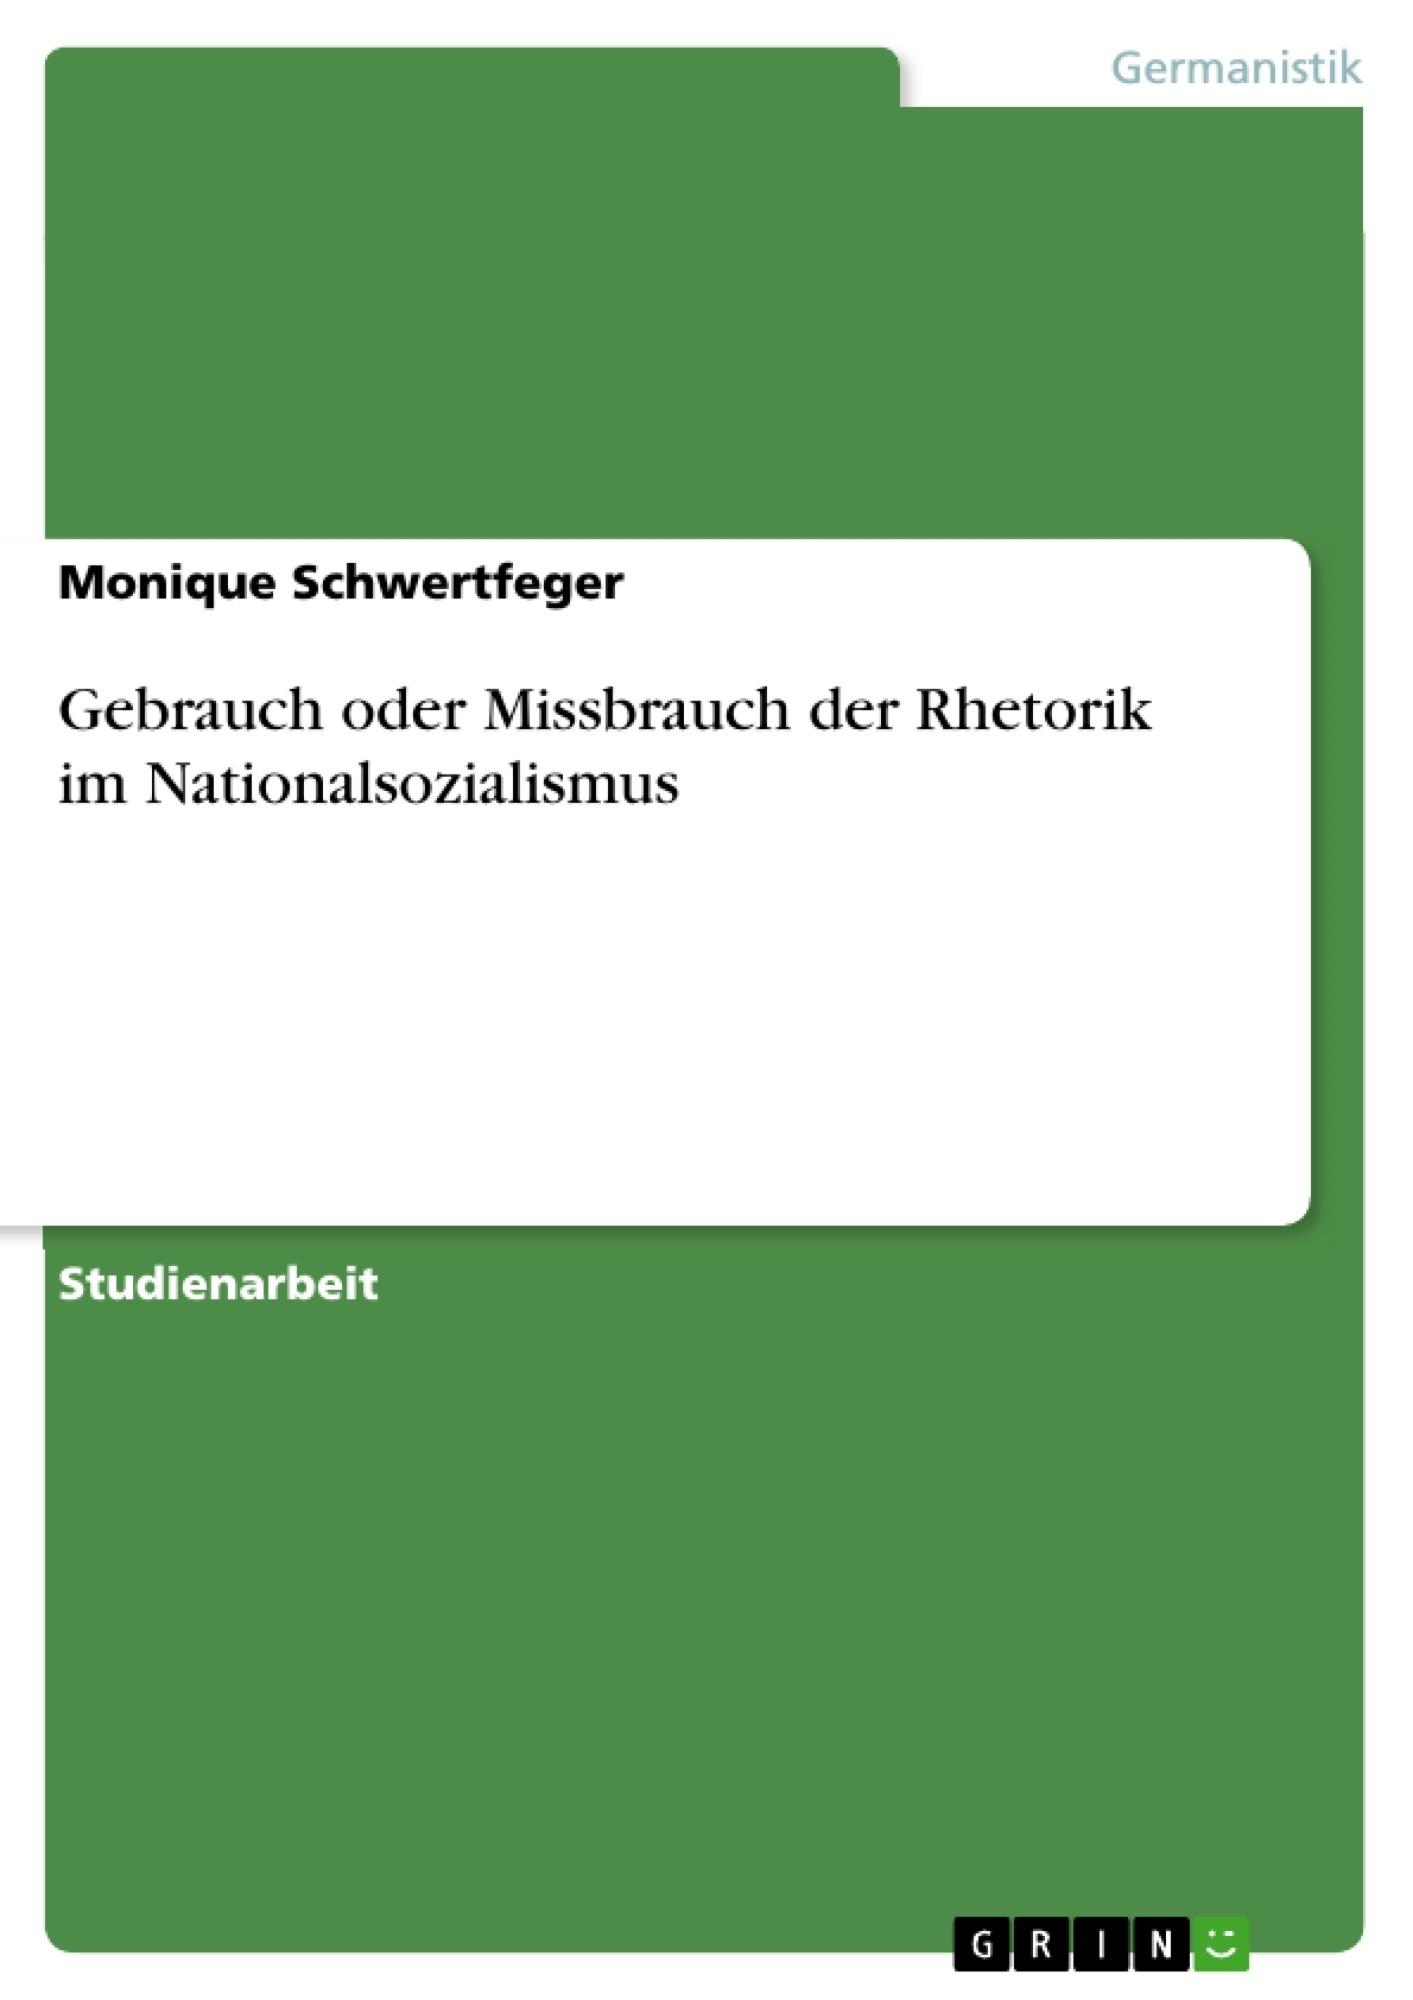 Titel: Gebrauch oder Missbrauch der Rhetorik im Nationalsozialismus